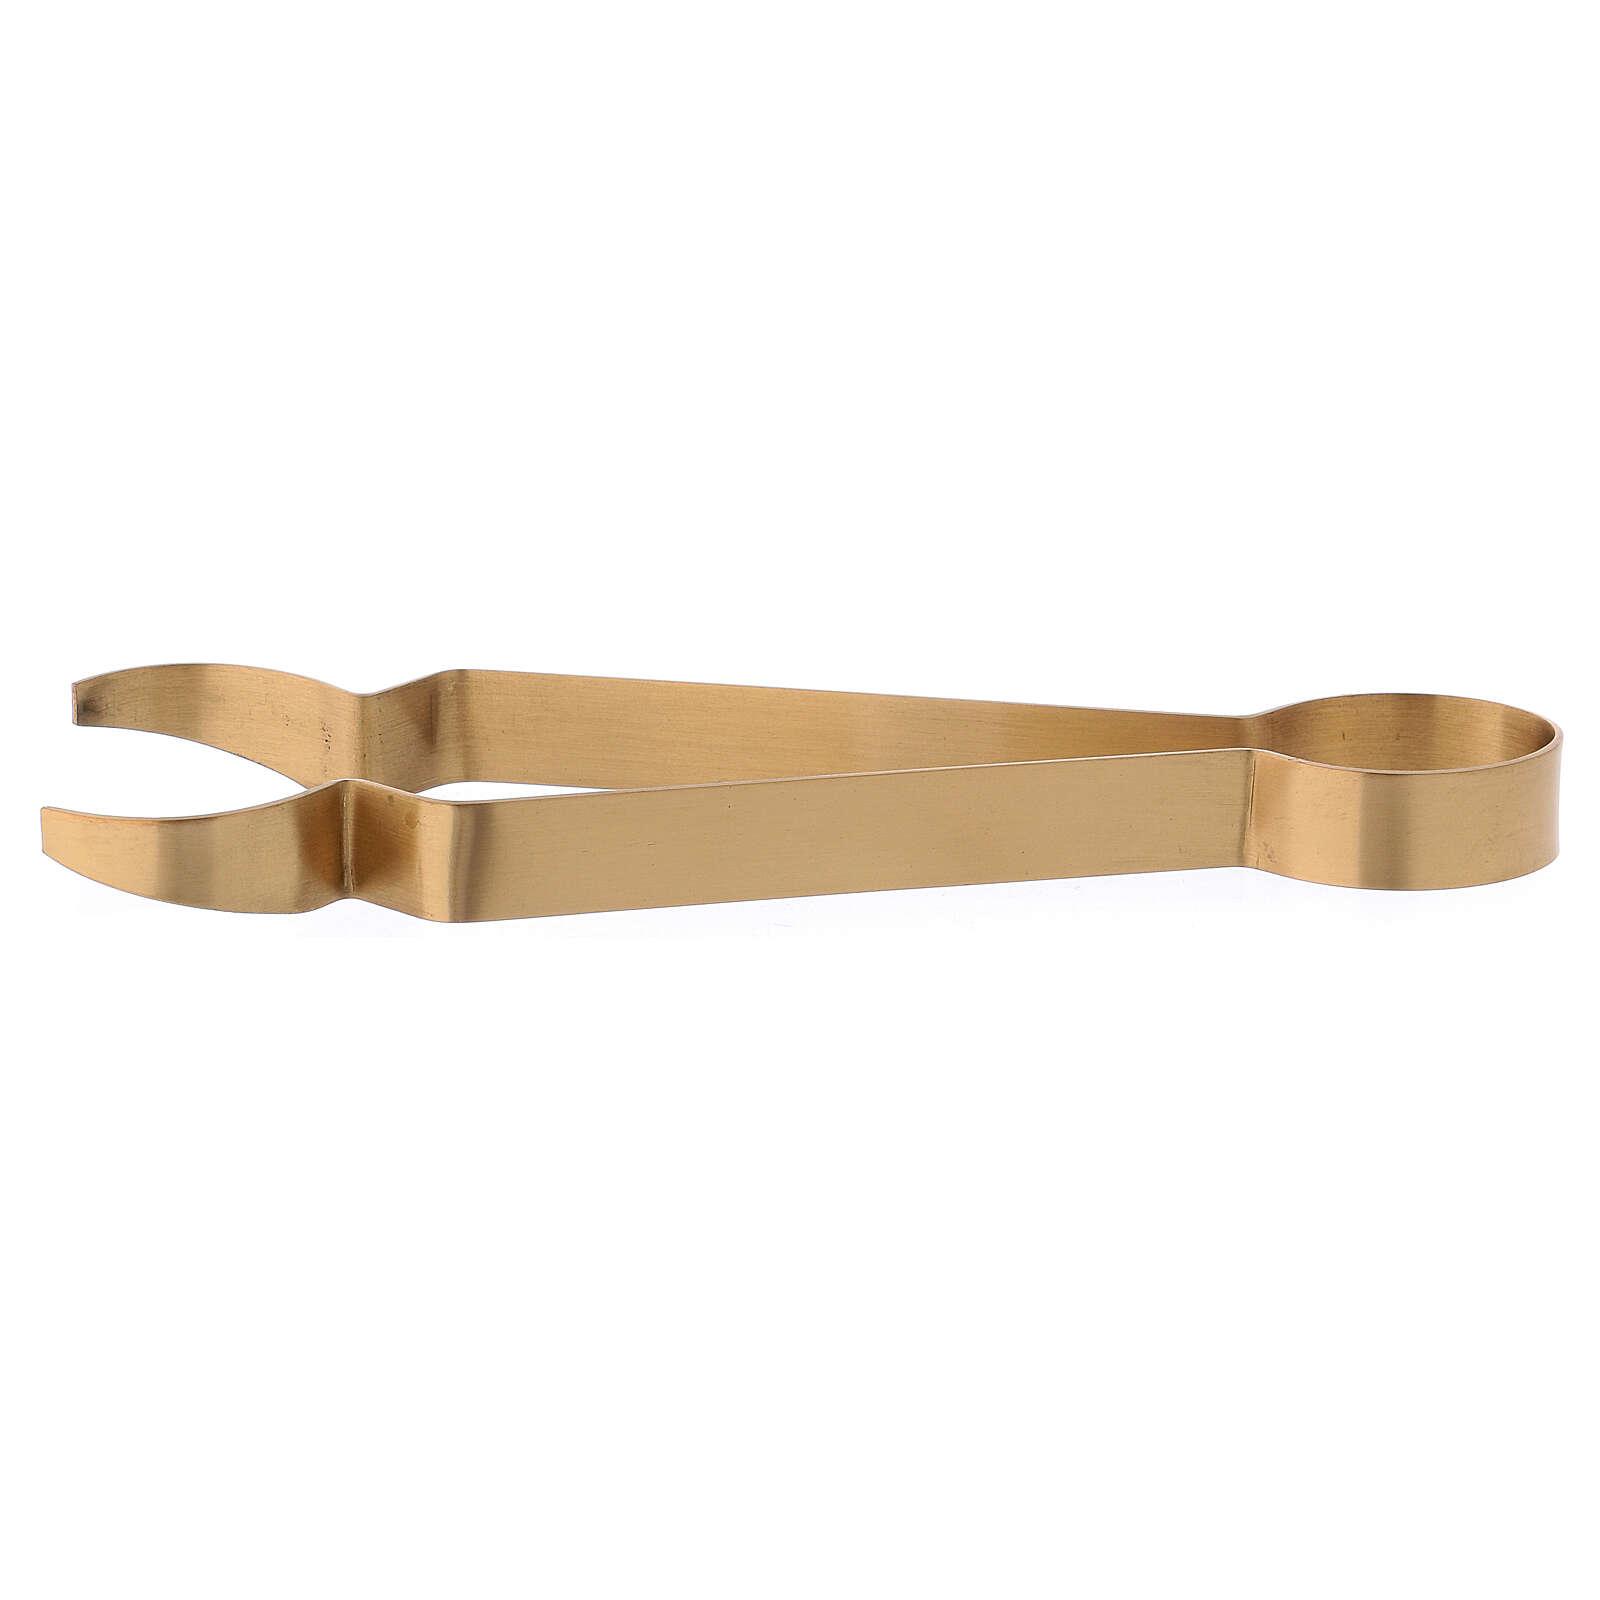 Pinça para carvões latão dourado opaco 18 cm 3